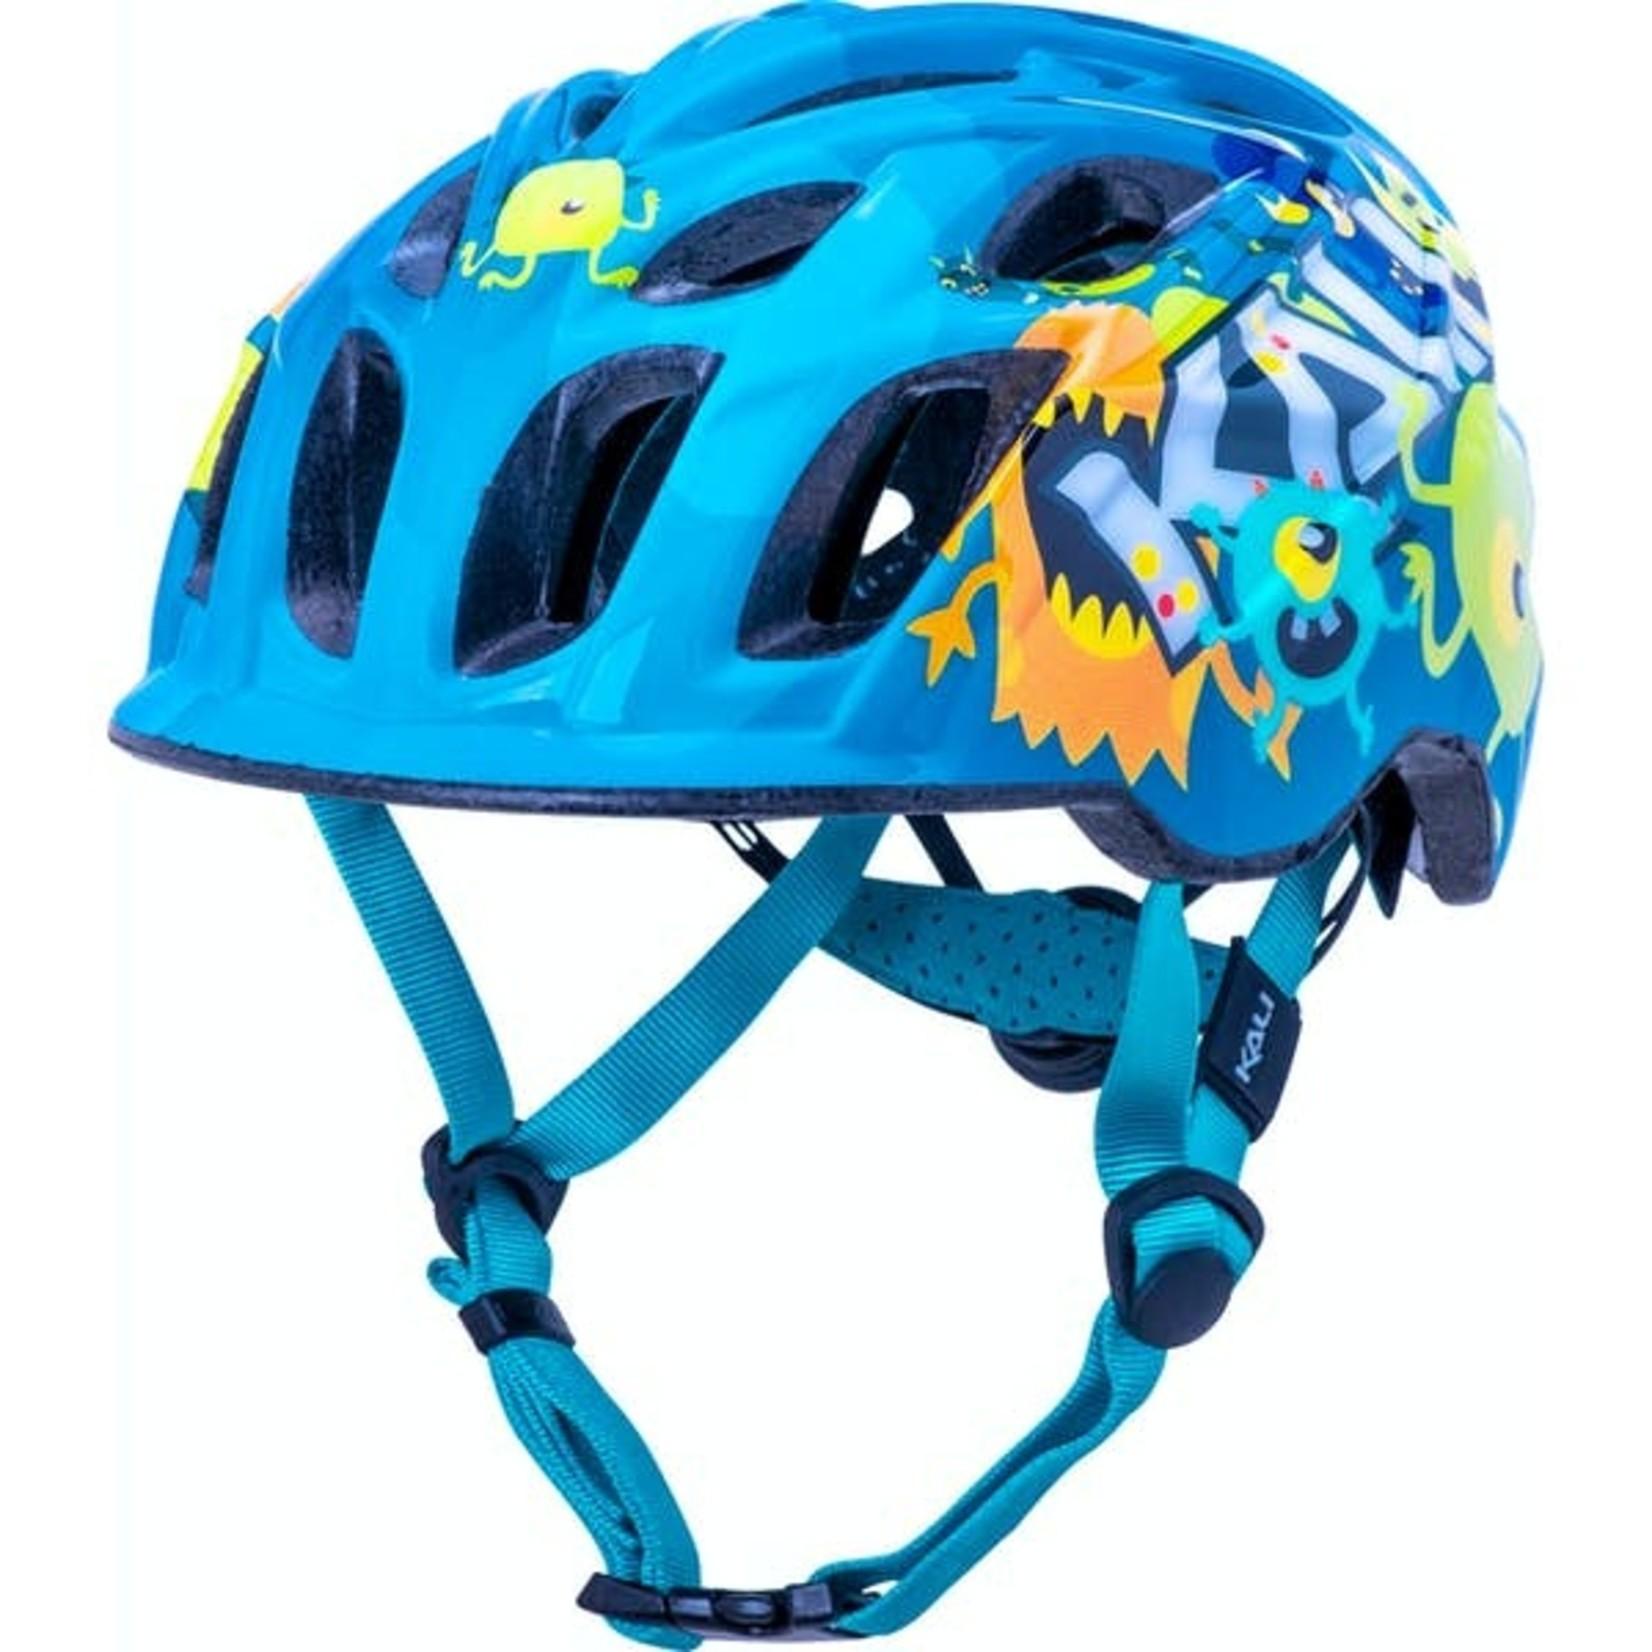 Kali Kali Chakra Child Helmet